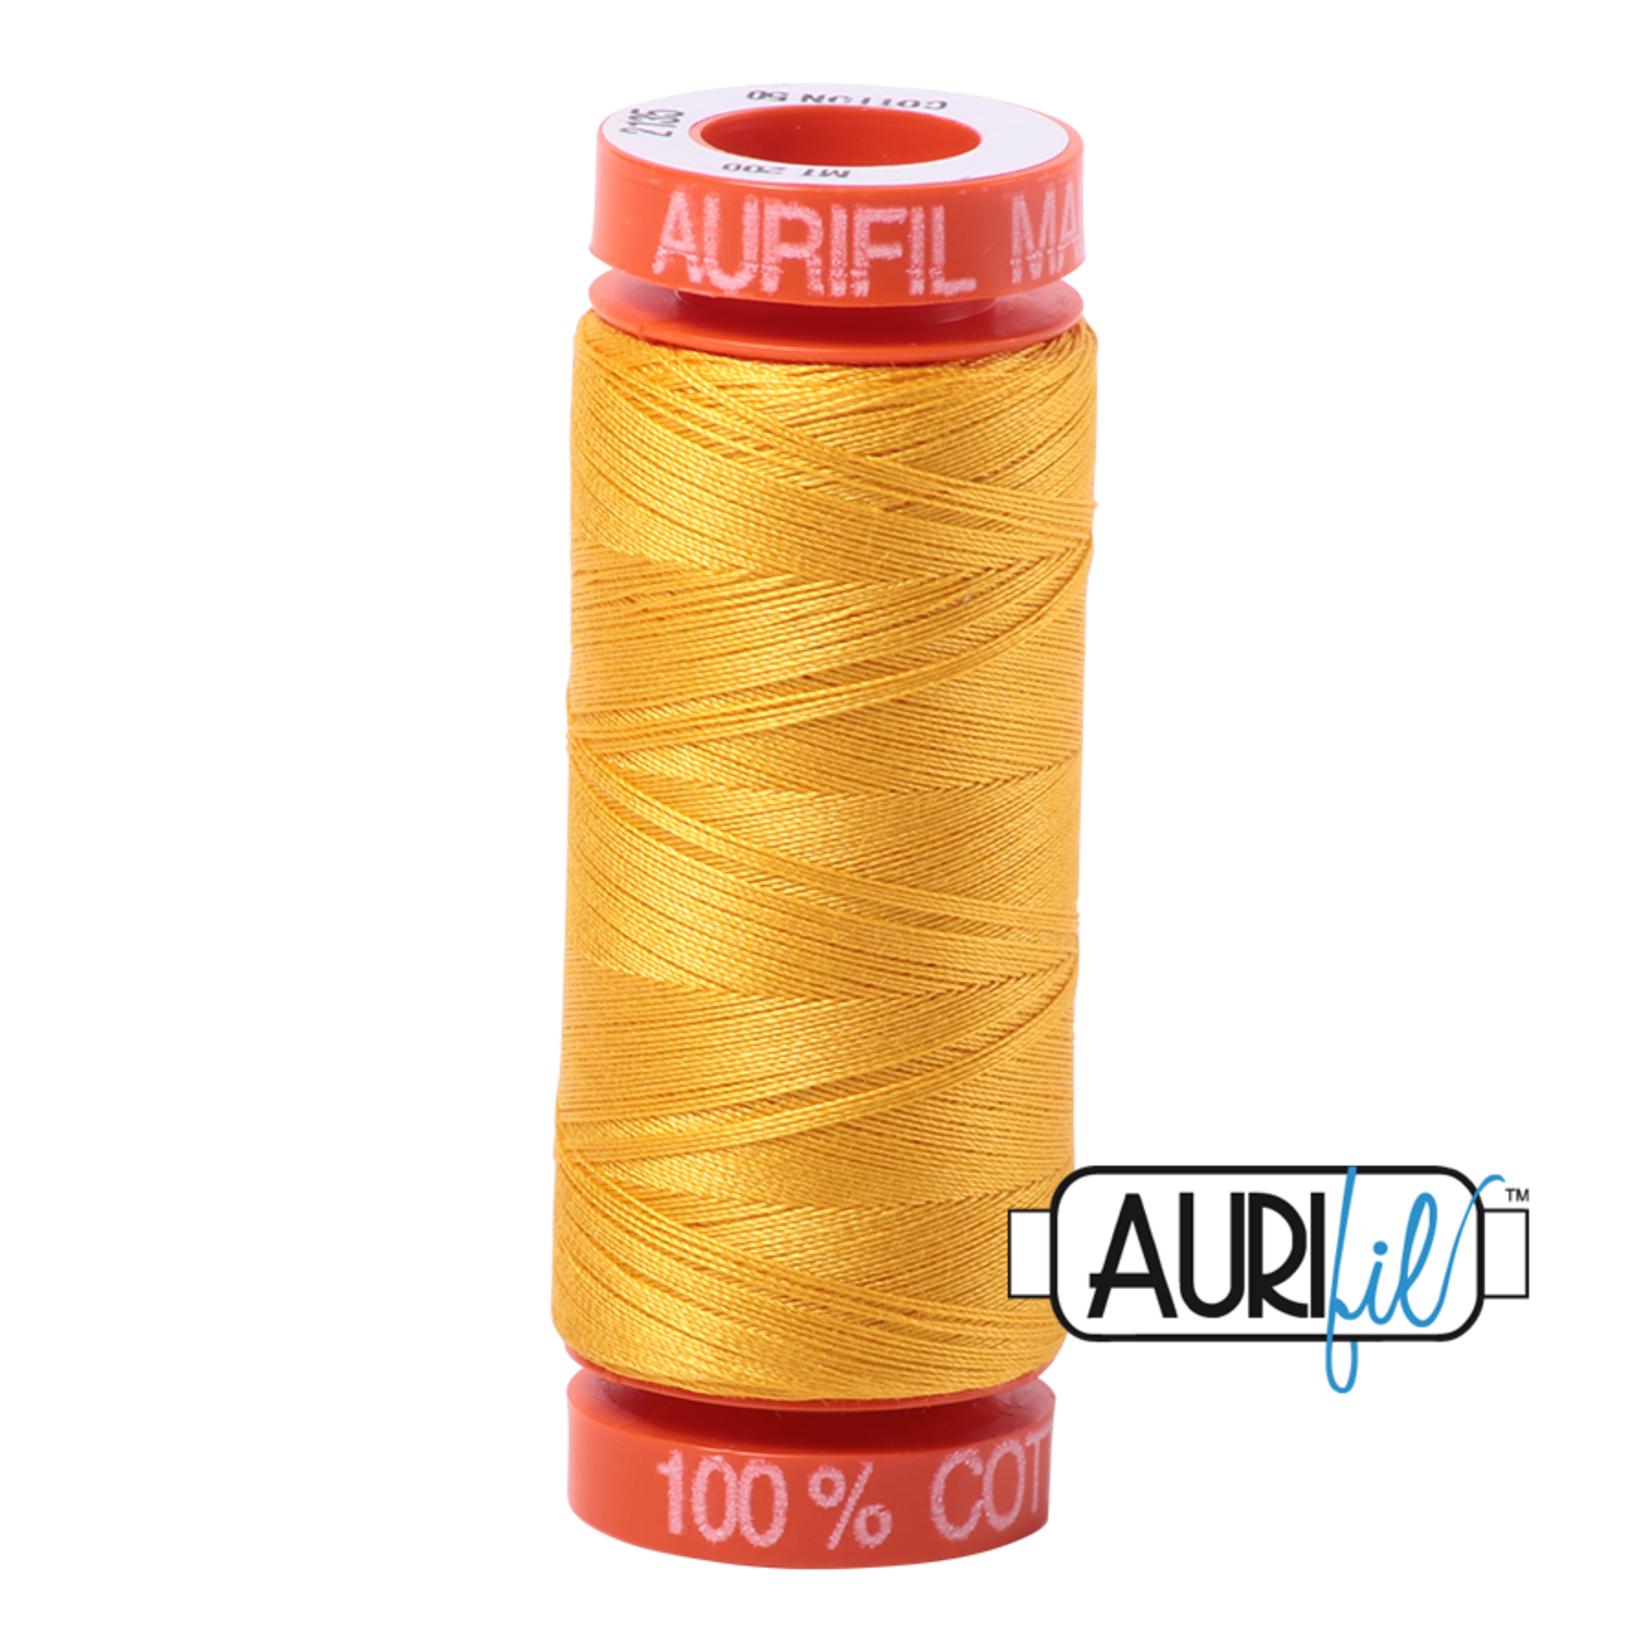 AURIFIL AURIFIL 50 WT Yellow 2135 Small Spool